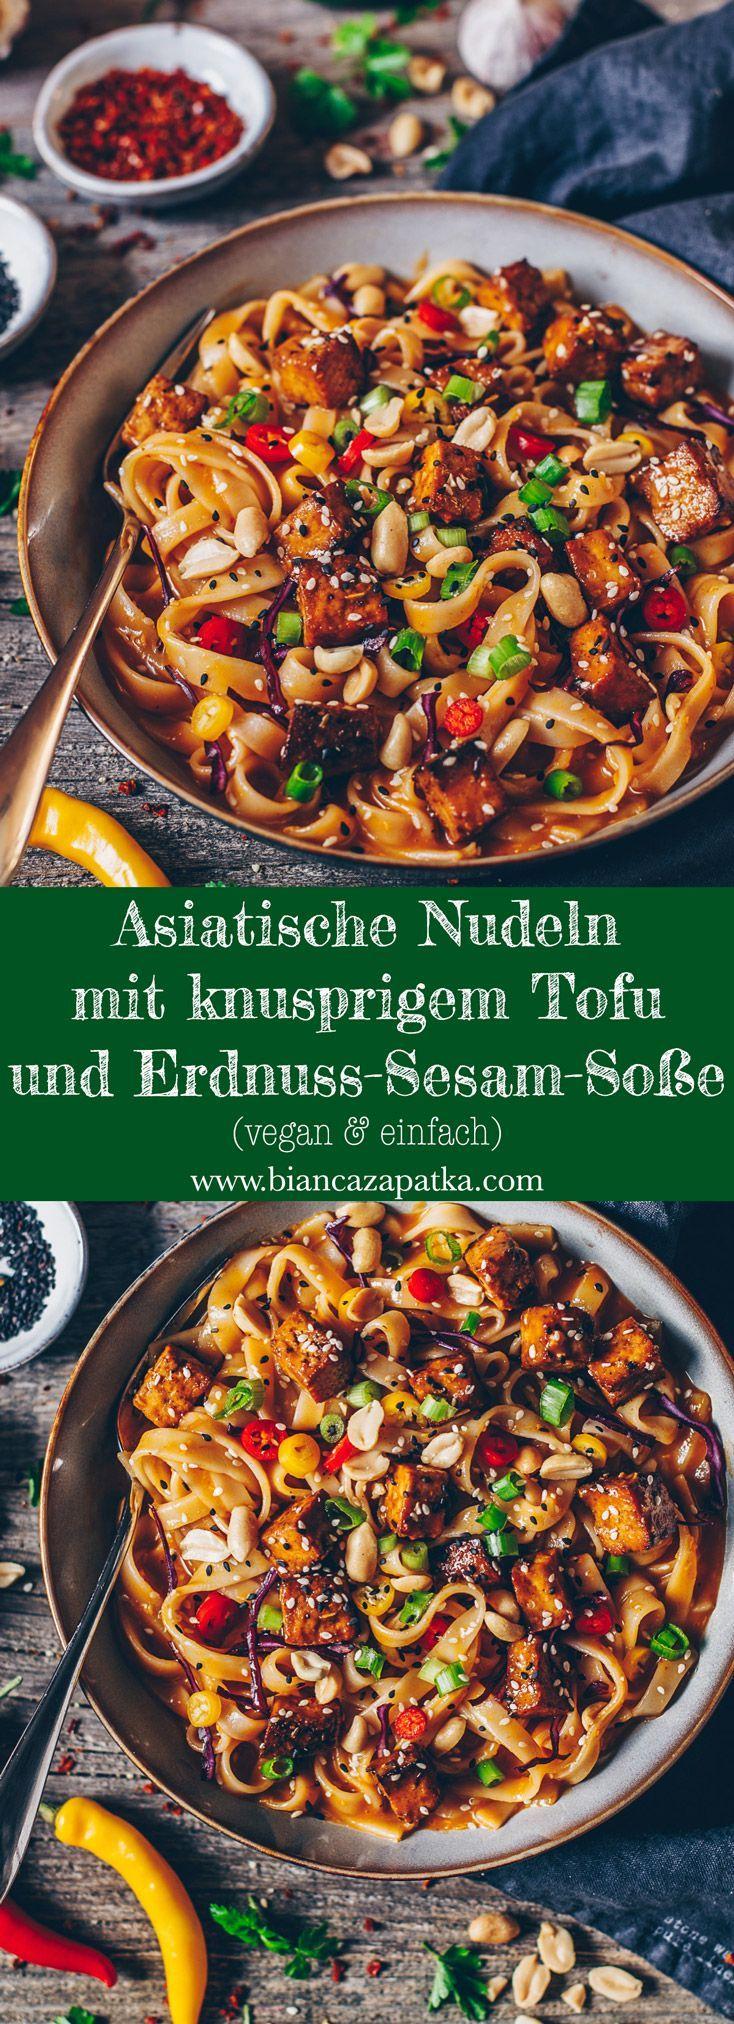 Asiatische Nudeln mit knusprigem Tofu und Chili- Erdnuss- Sesamsoße #vegetarischerezepte